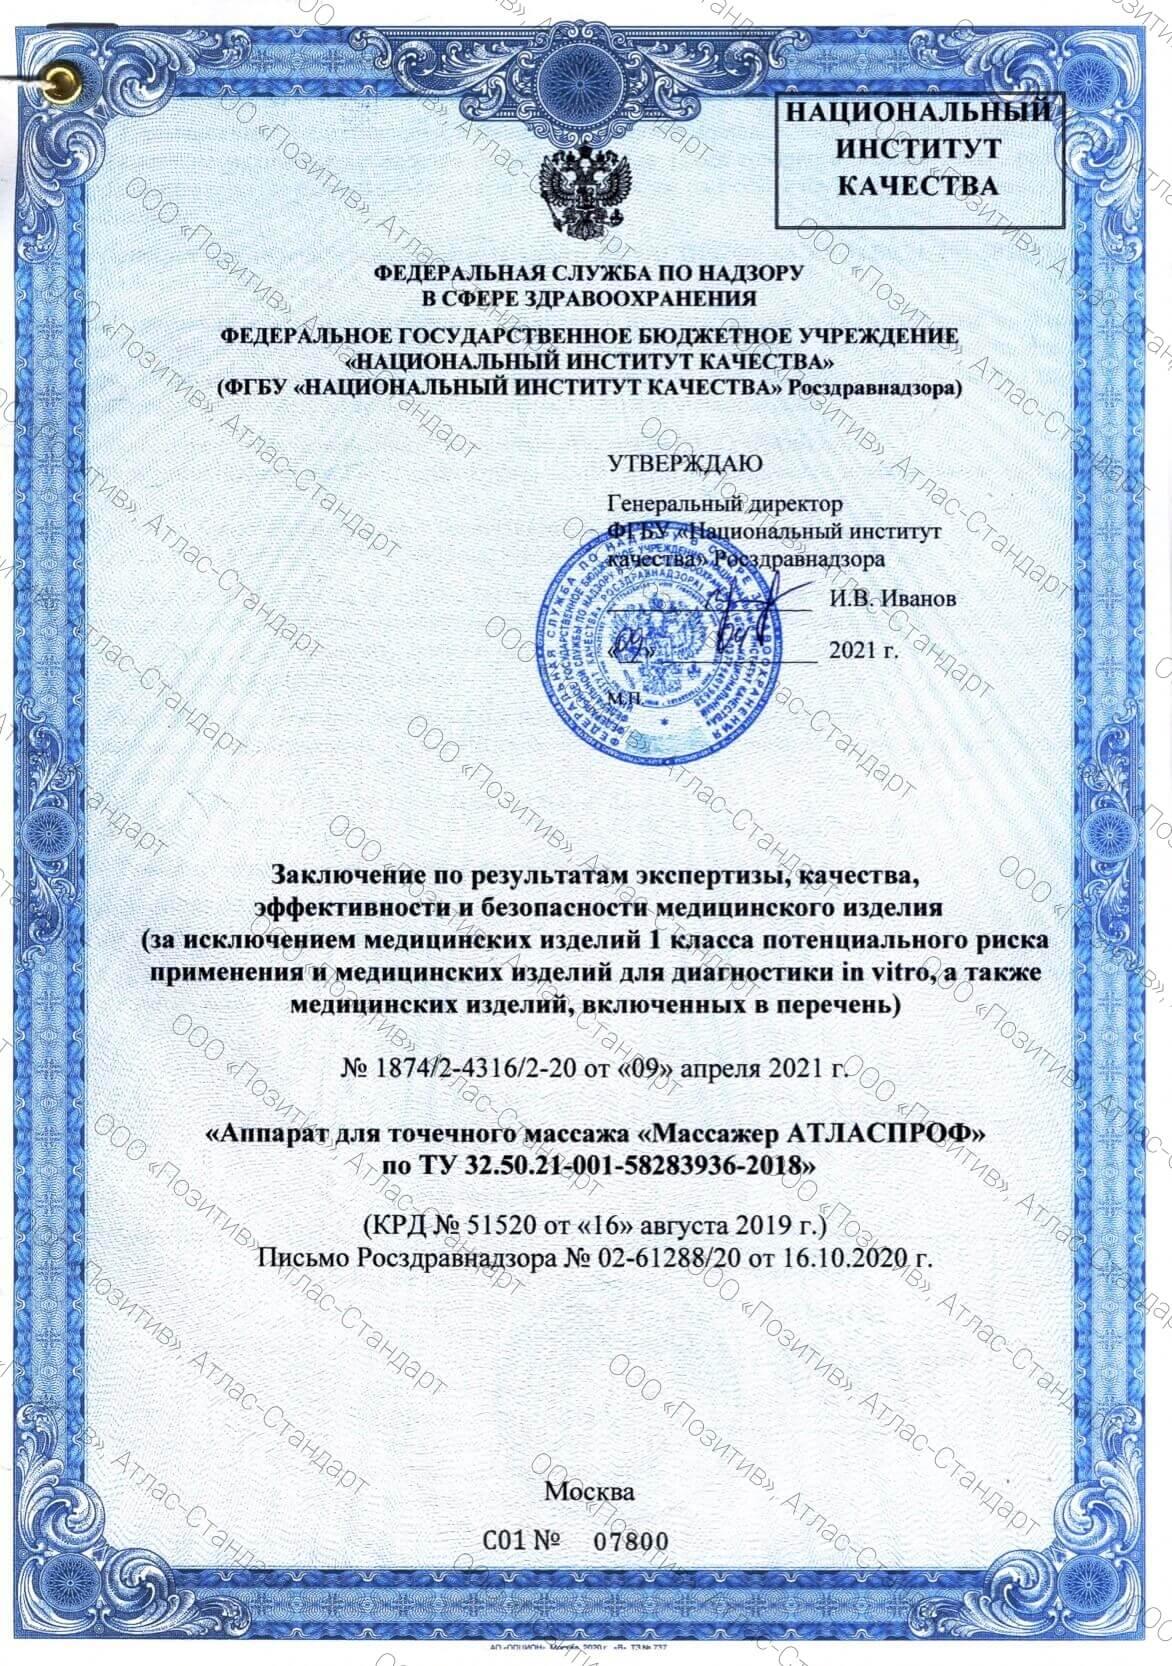 Регистрация медицинского аппарата для точечного массажа АТЛАСПРОФ